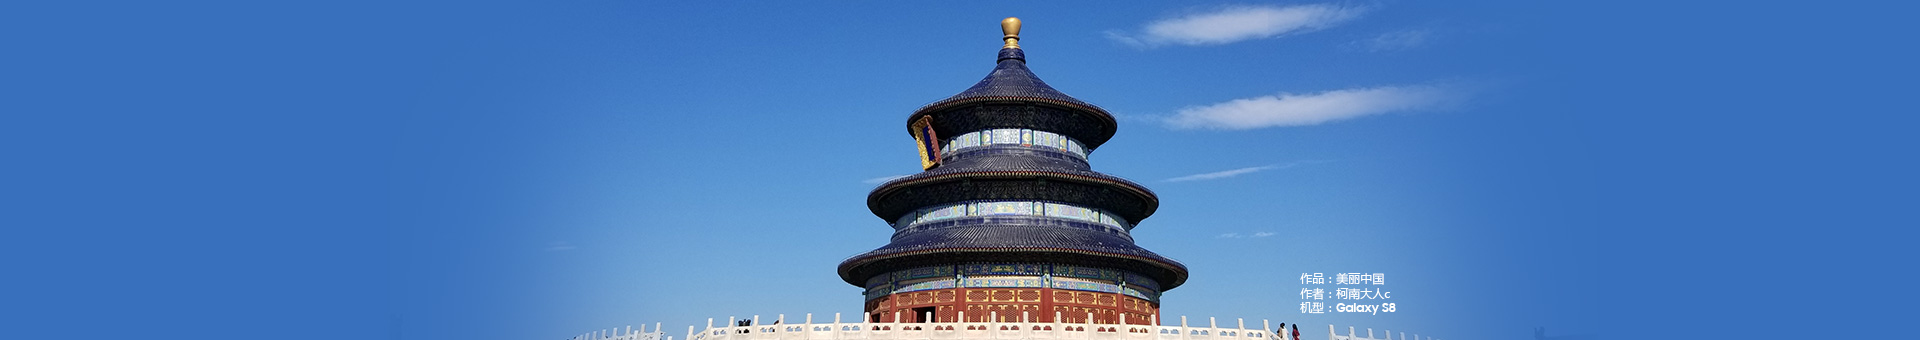 【中国最美瞬间】+美丽中国